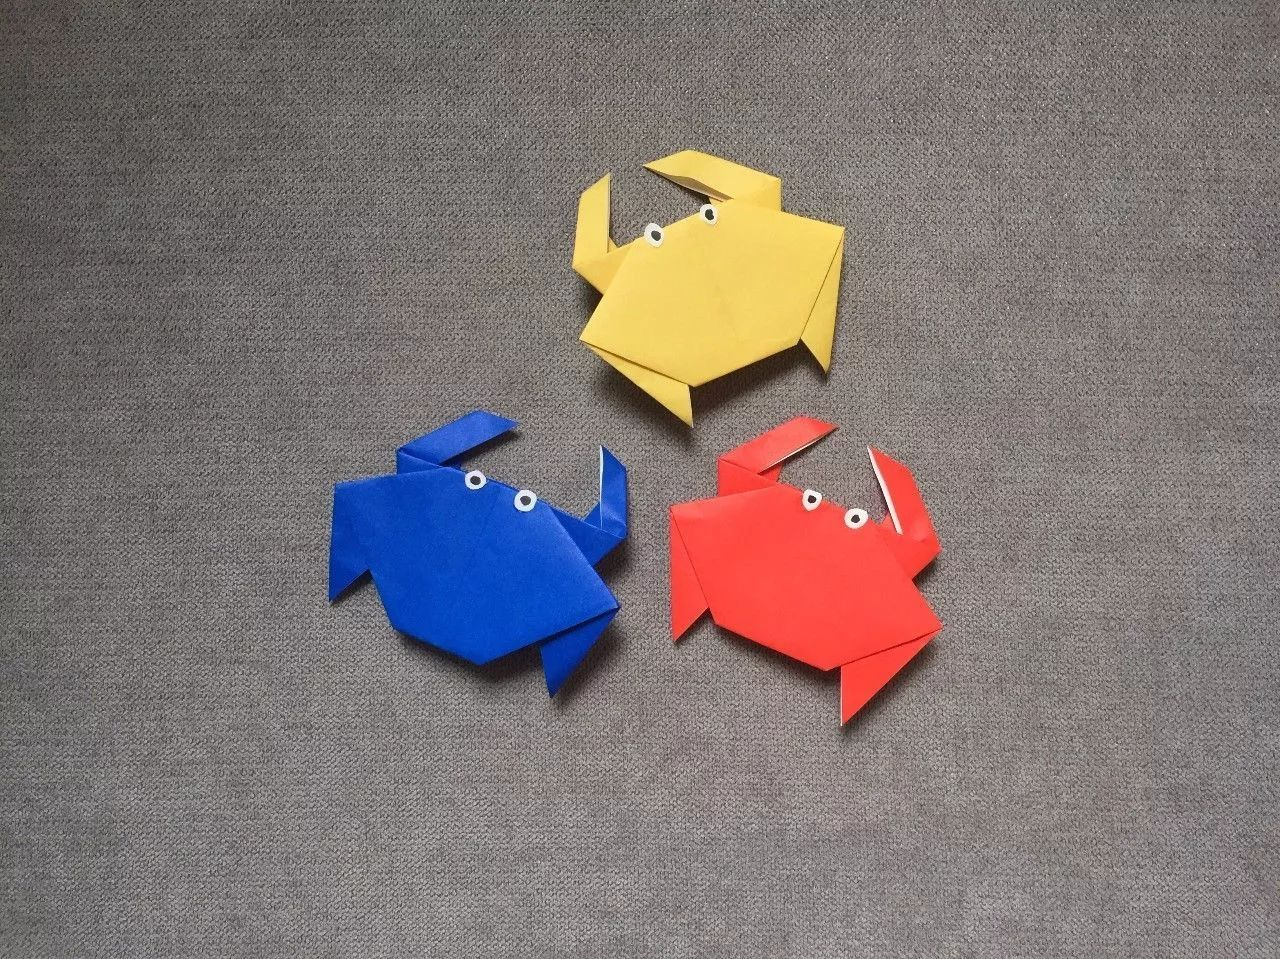 教育 正文  制作步骤: 在另一面上如下图向上翻折 将折纸如下图左端向